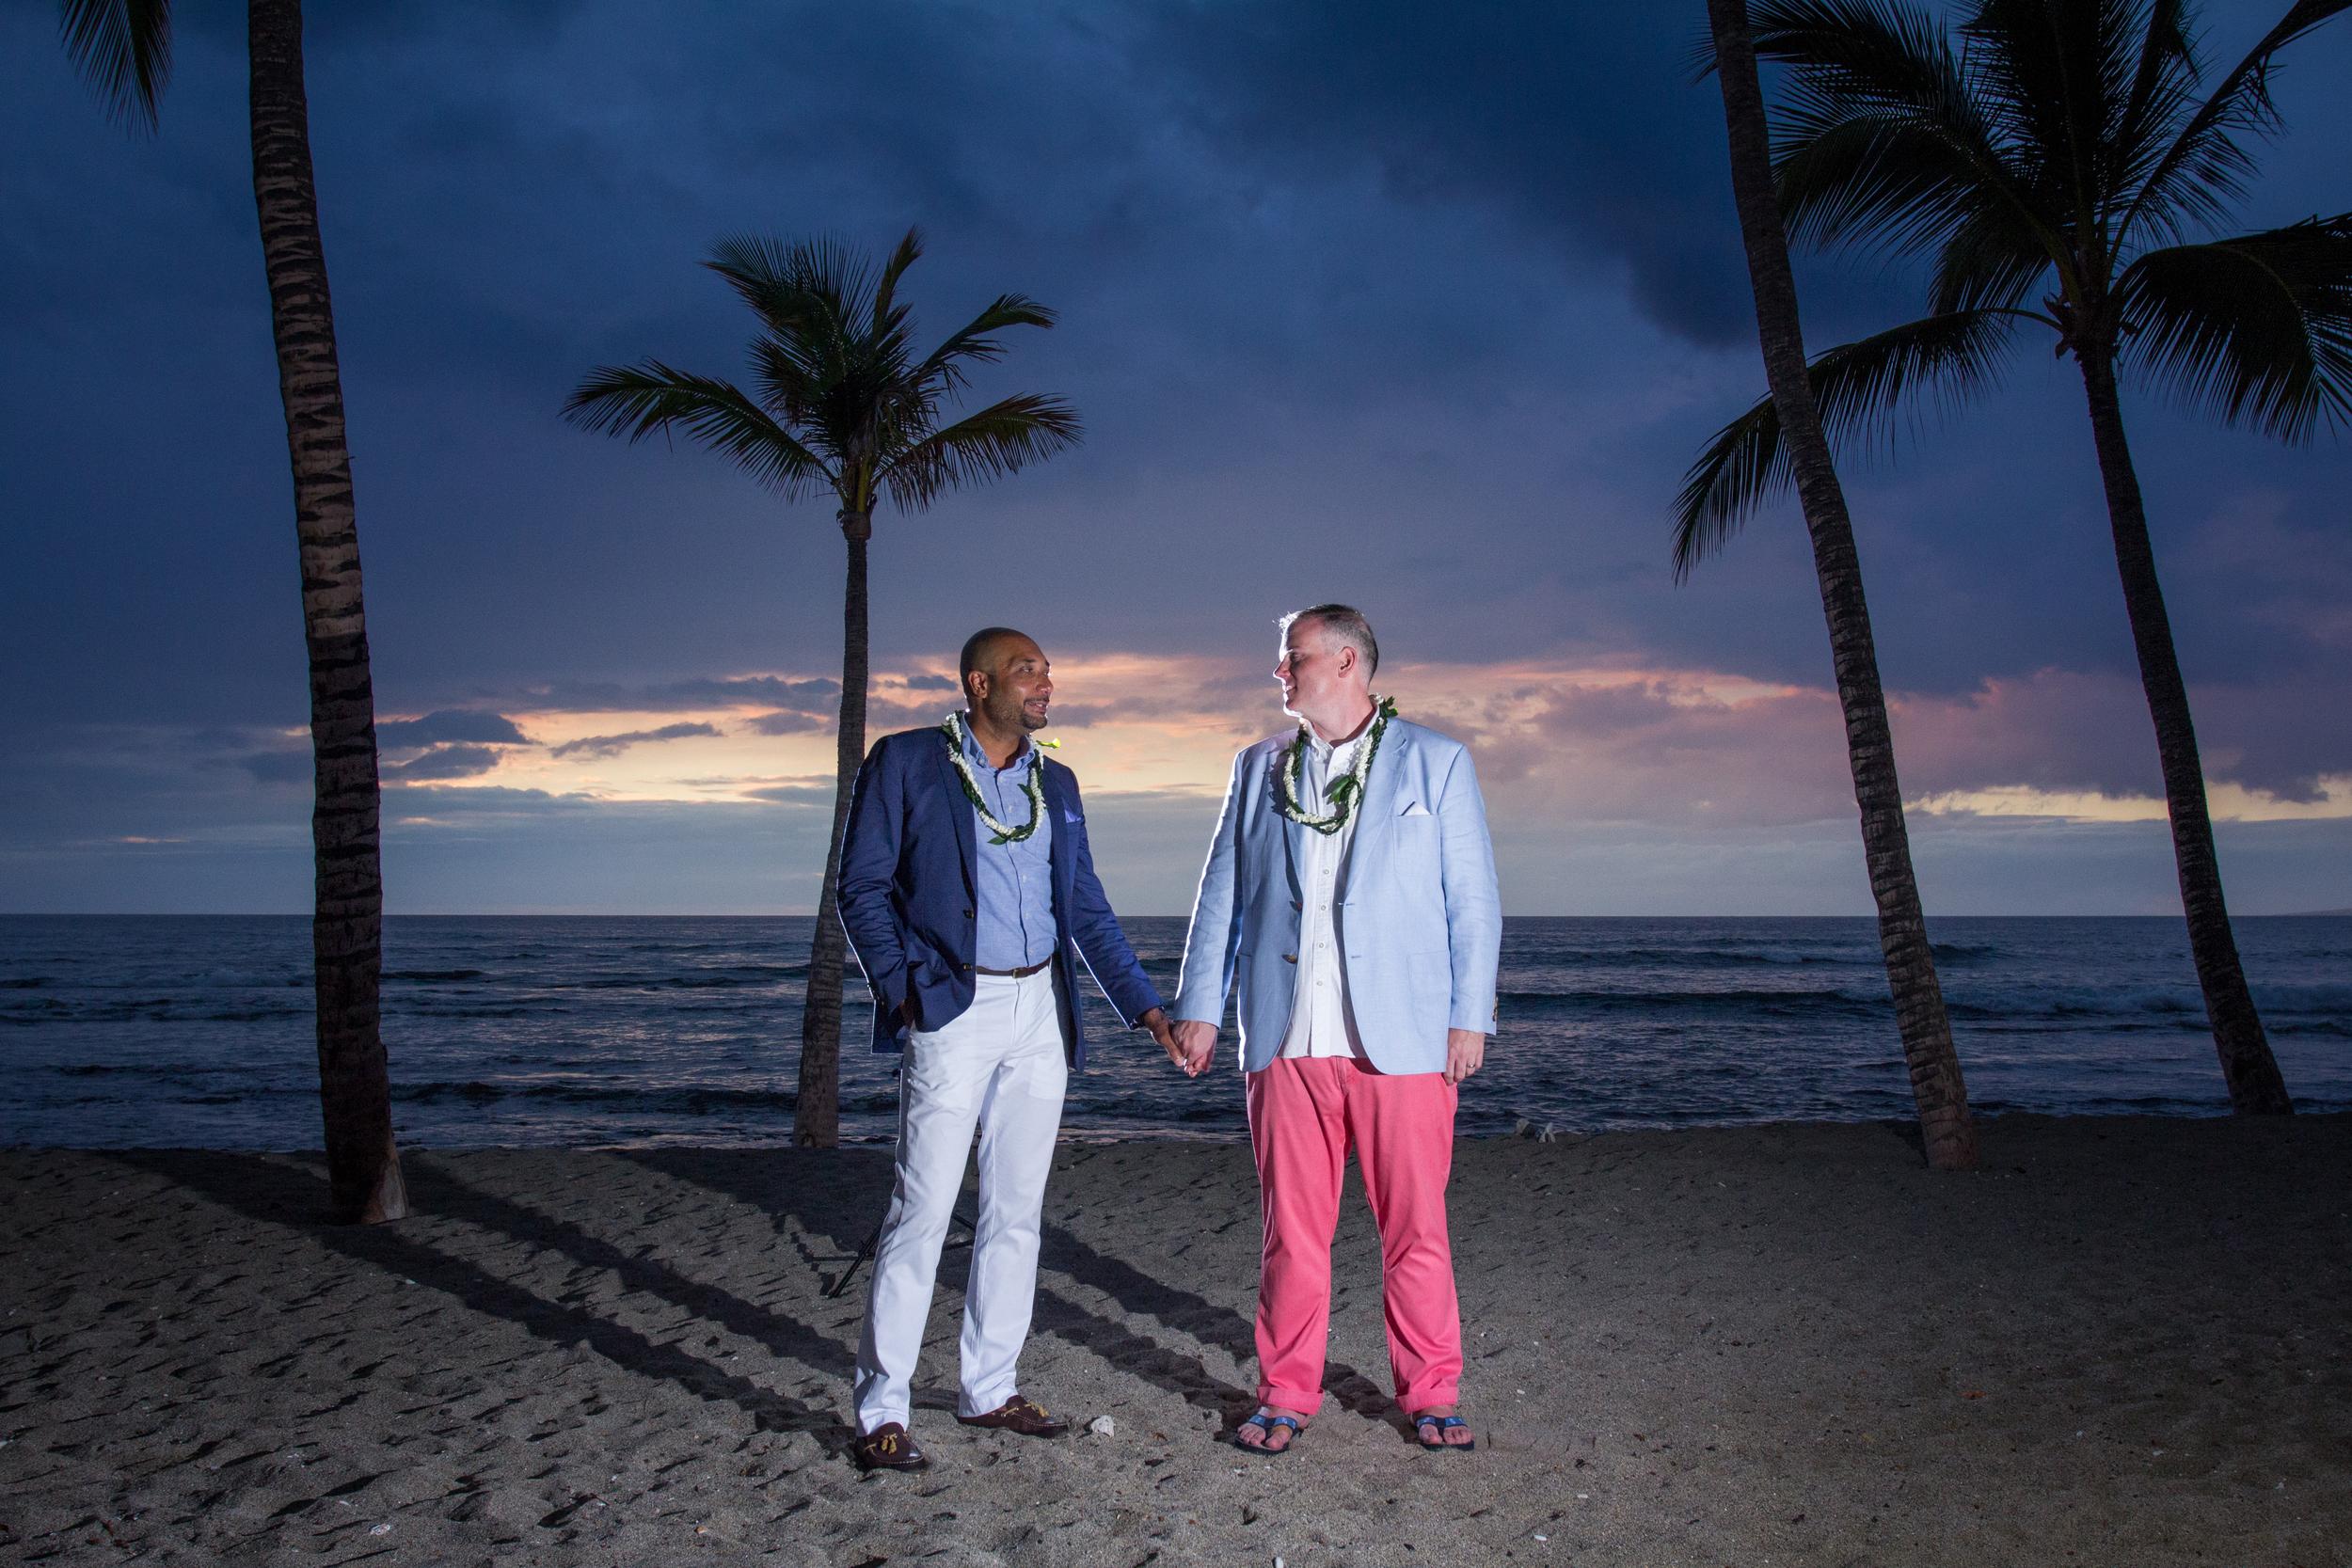 big island hawaii rmauna lani beach wedding © kelilina photography 20160601185342-3.jpg